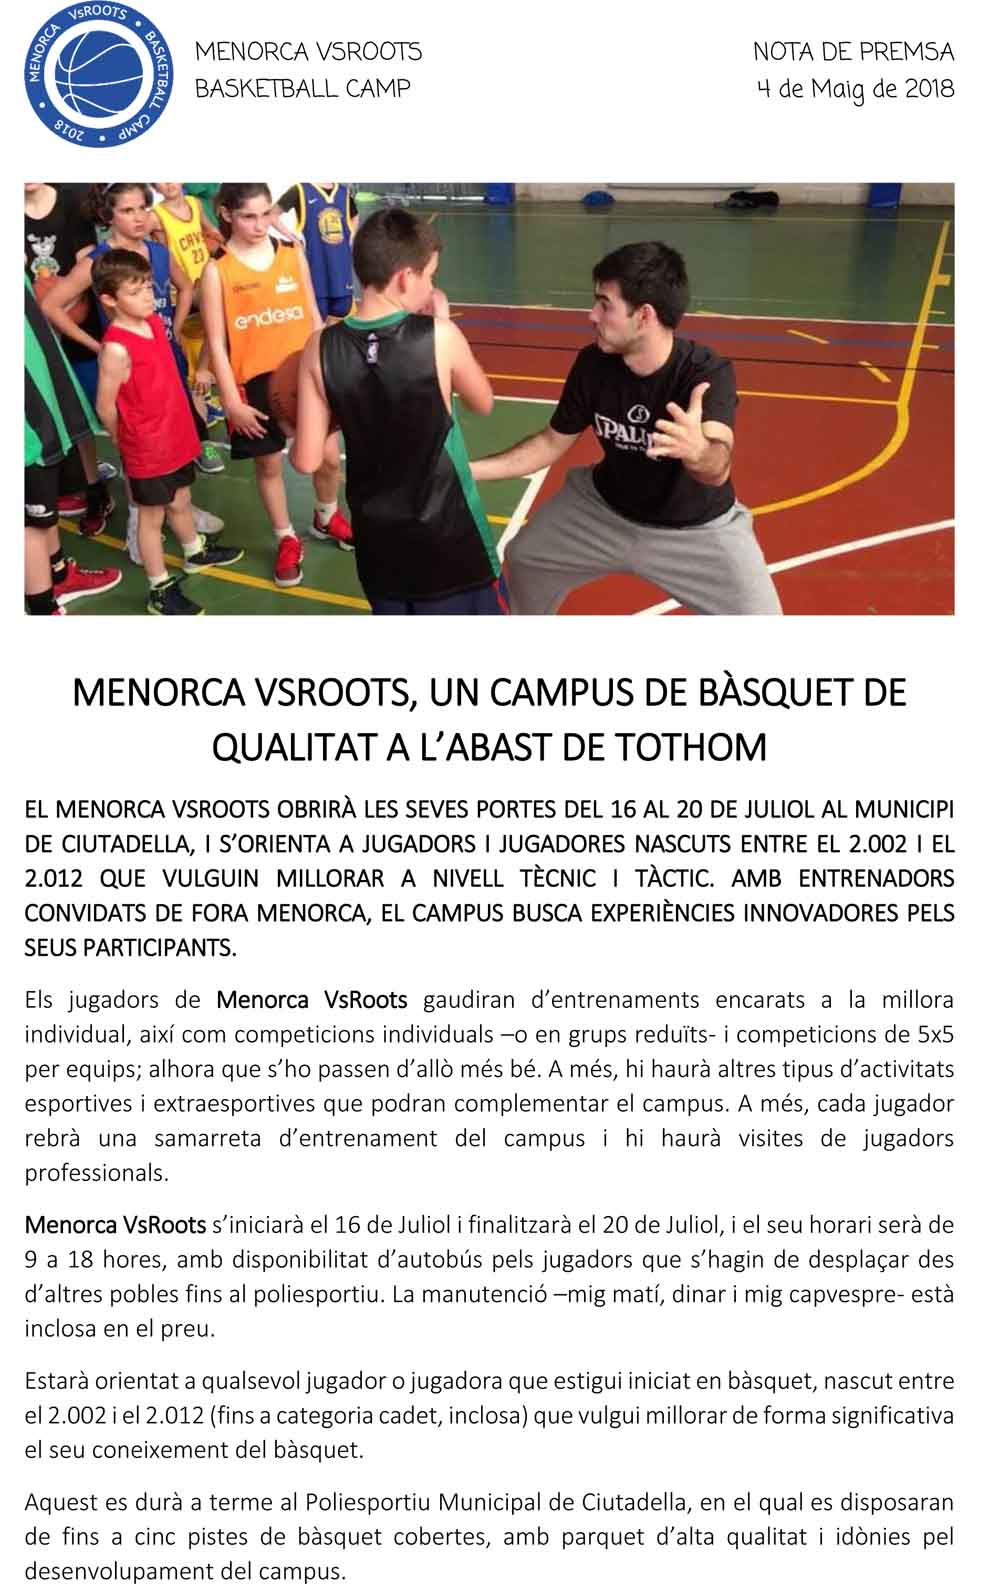 Campus Menorca VsRoots